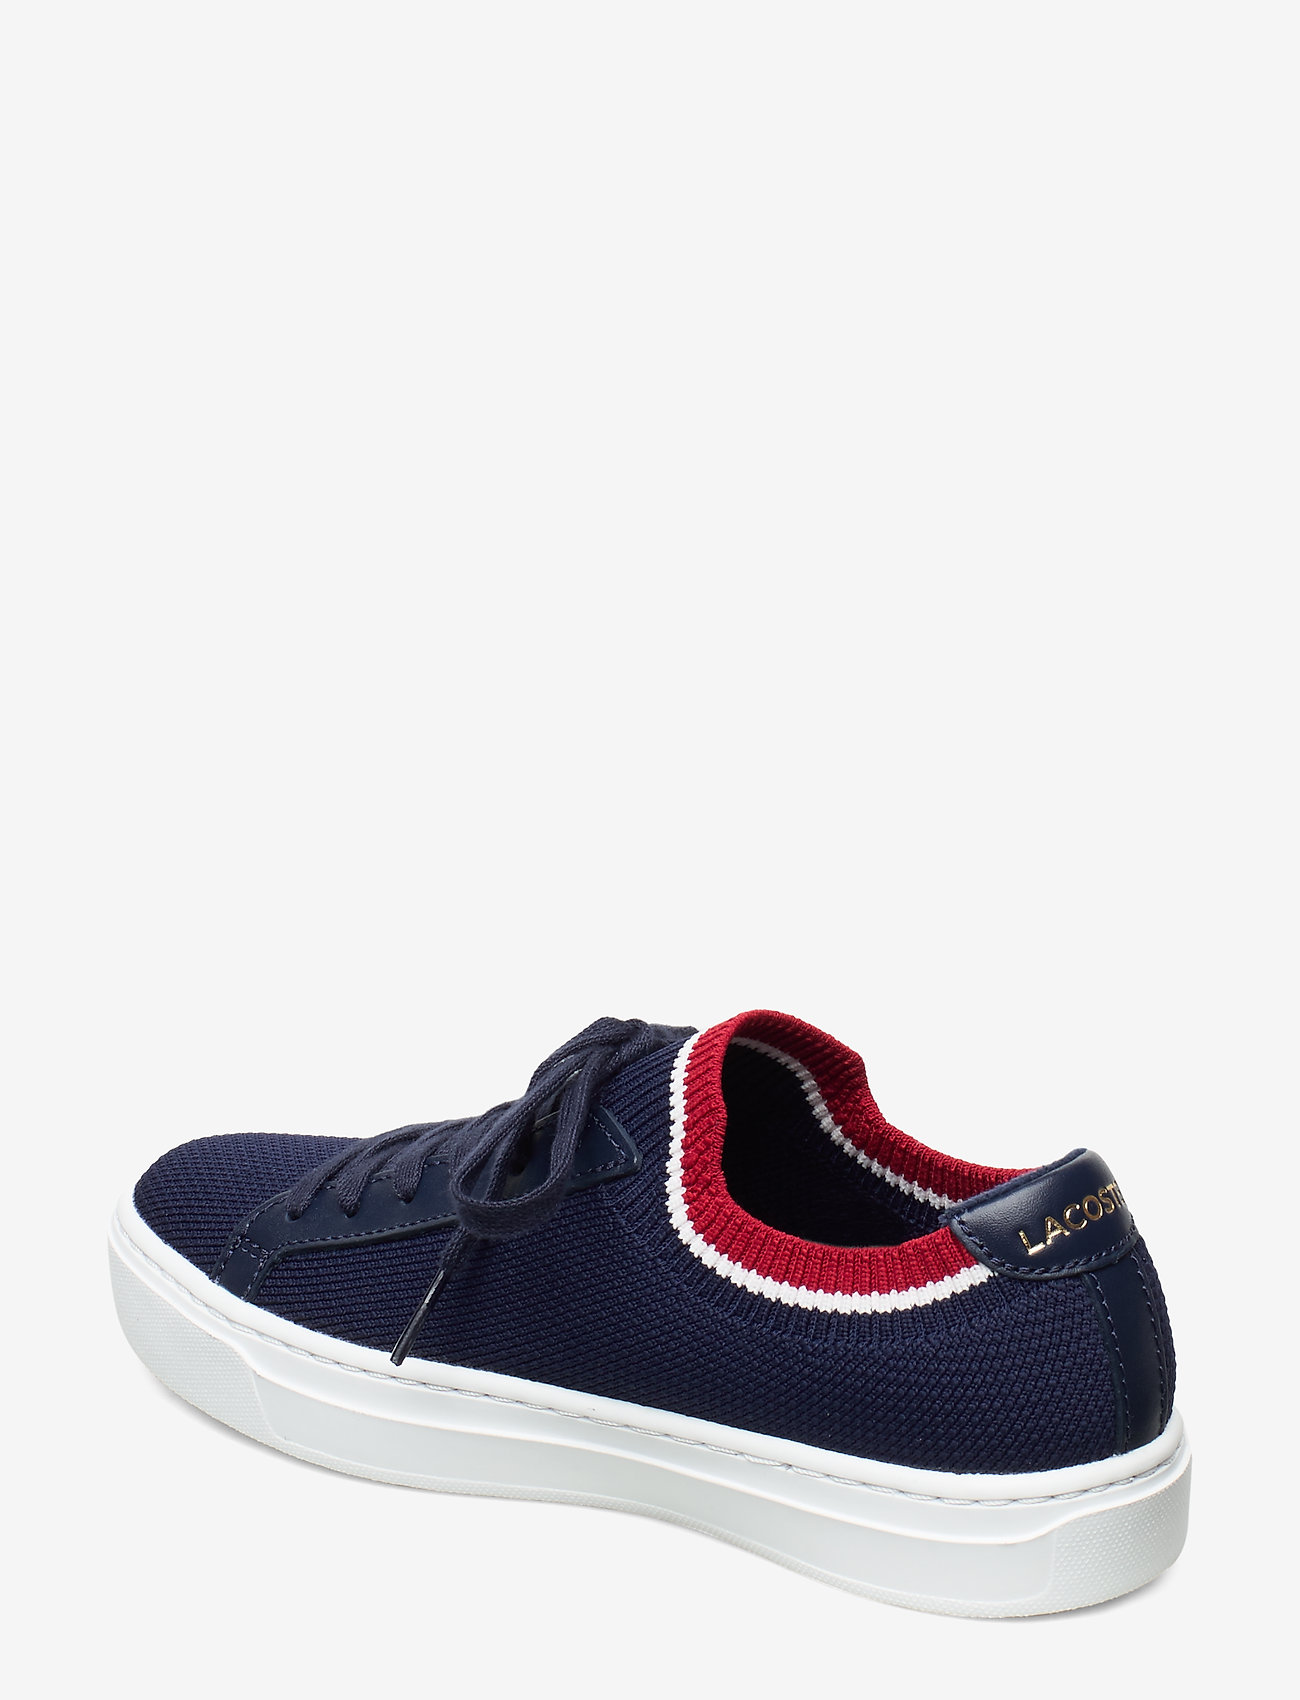 La Pique 119 1 Cfa (Nvy/wht/red Txt) - Lacoste Shoes